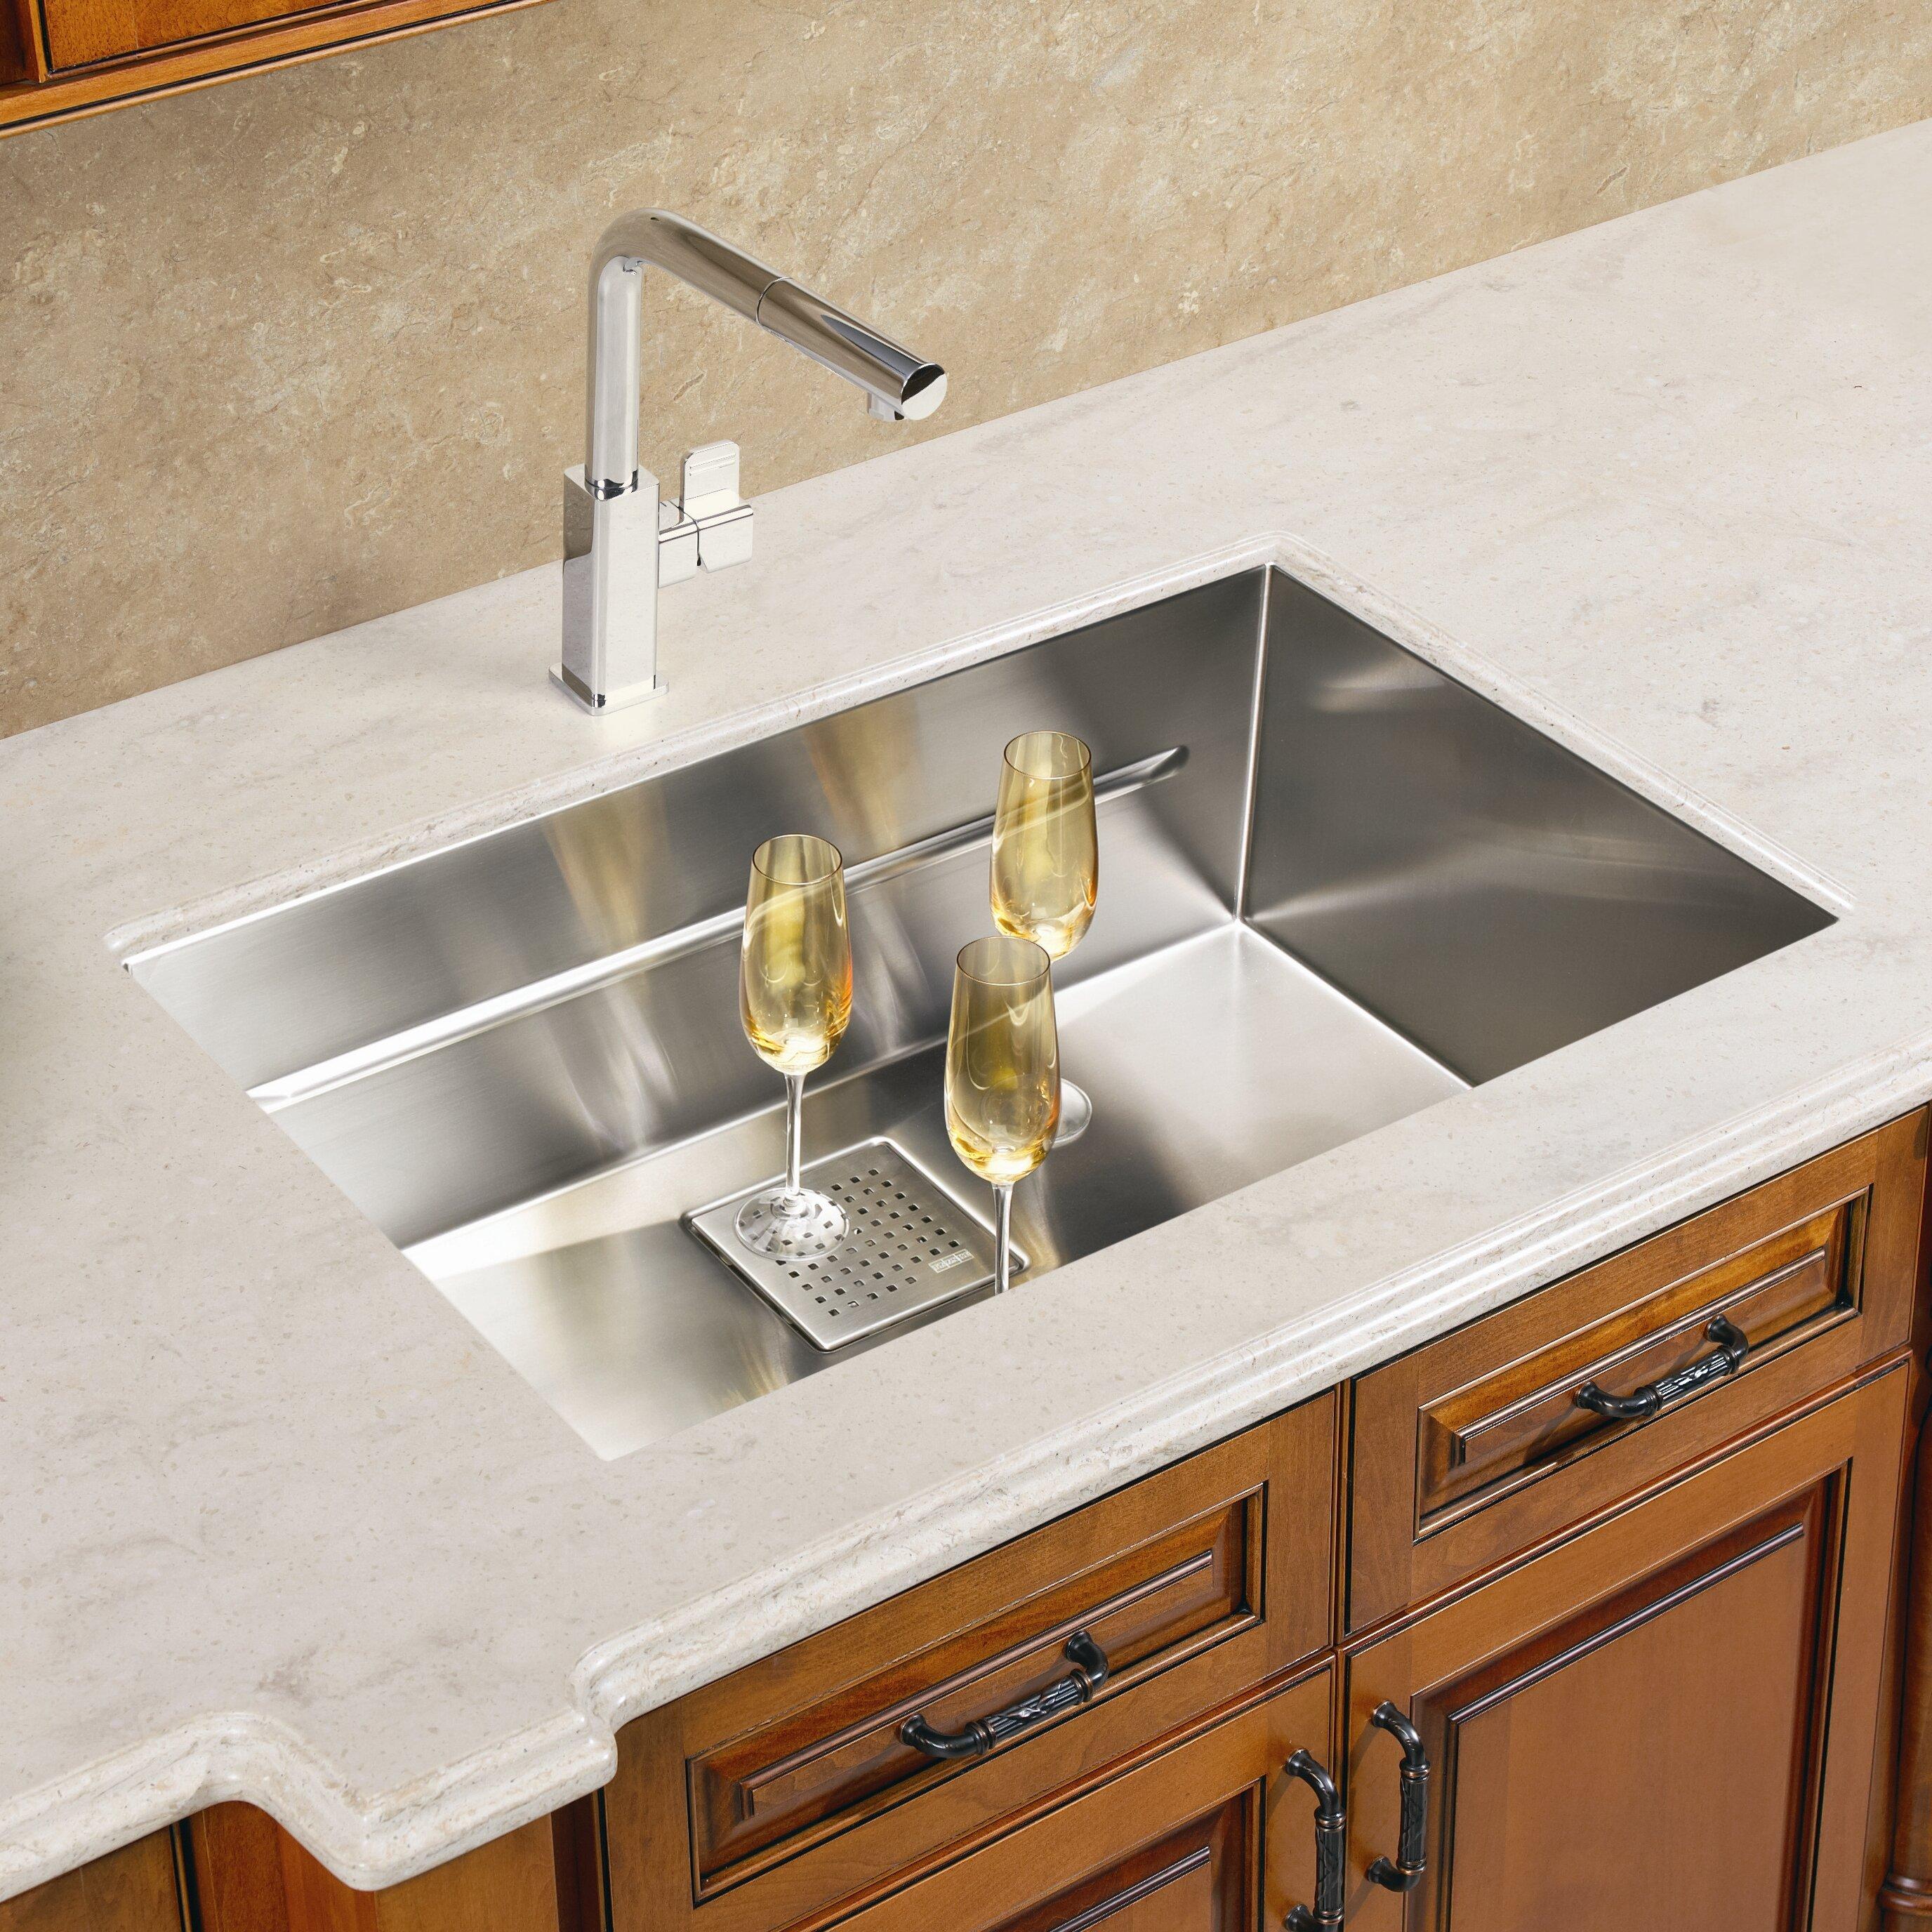 Franke Kitchen Sink Price : Franke Peak 17.75